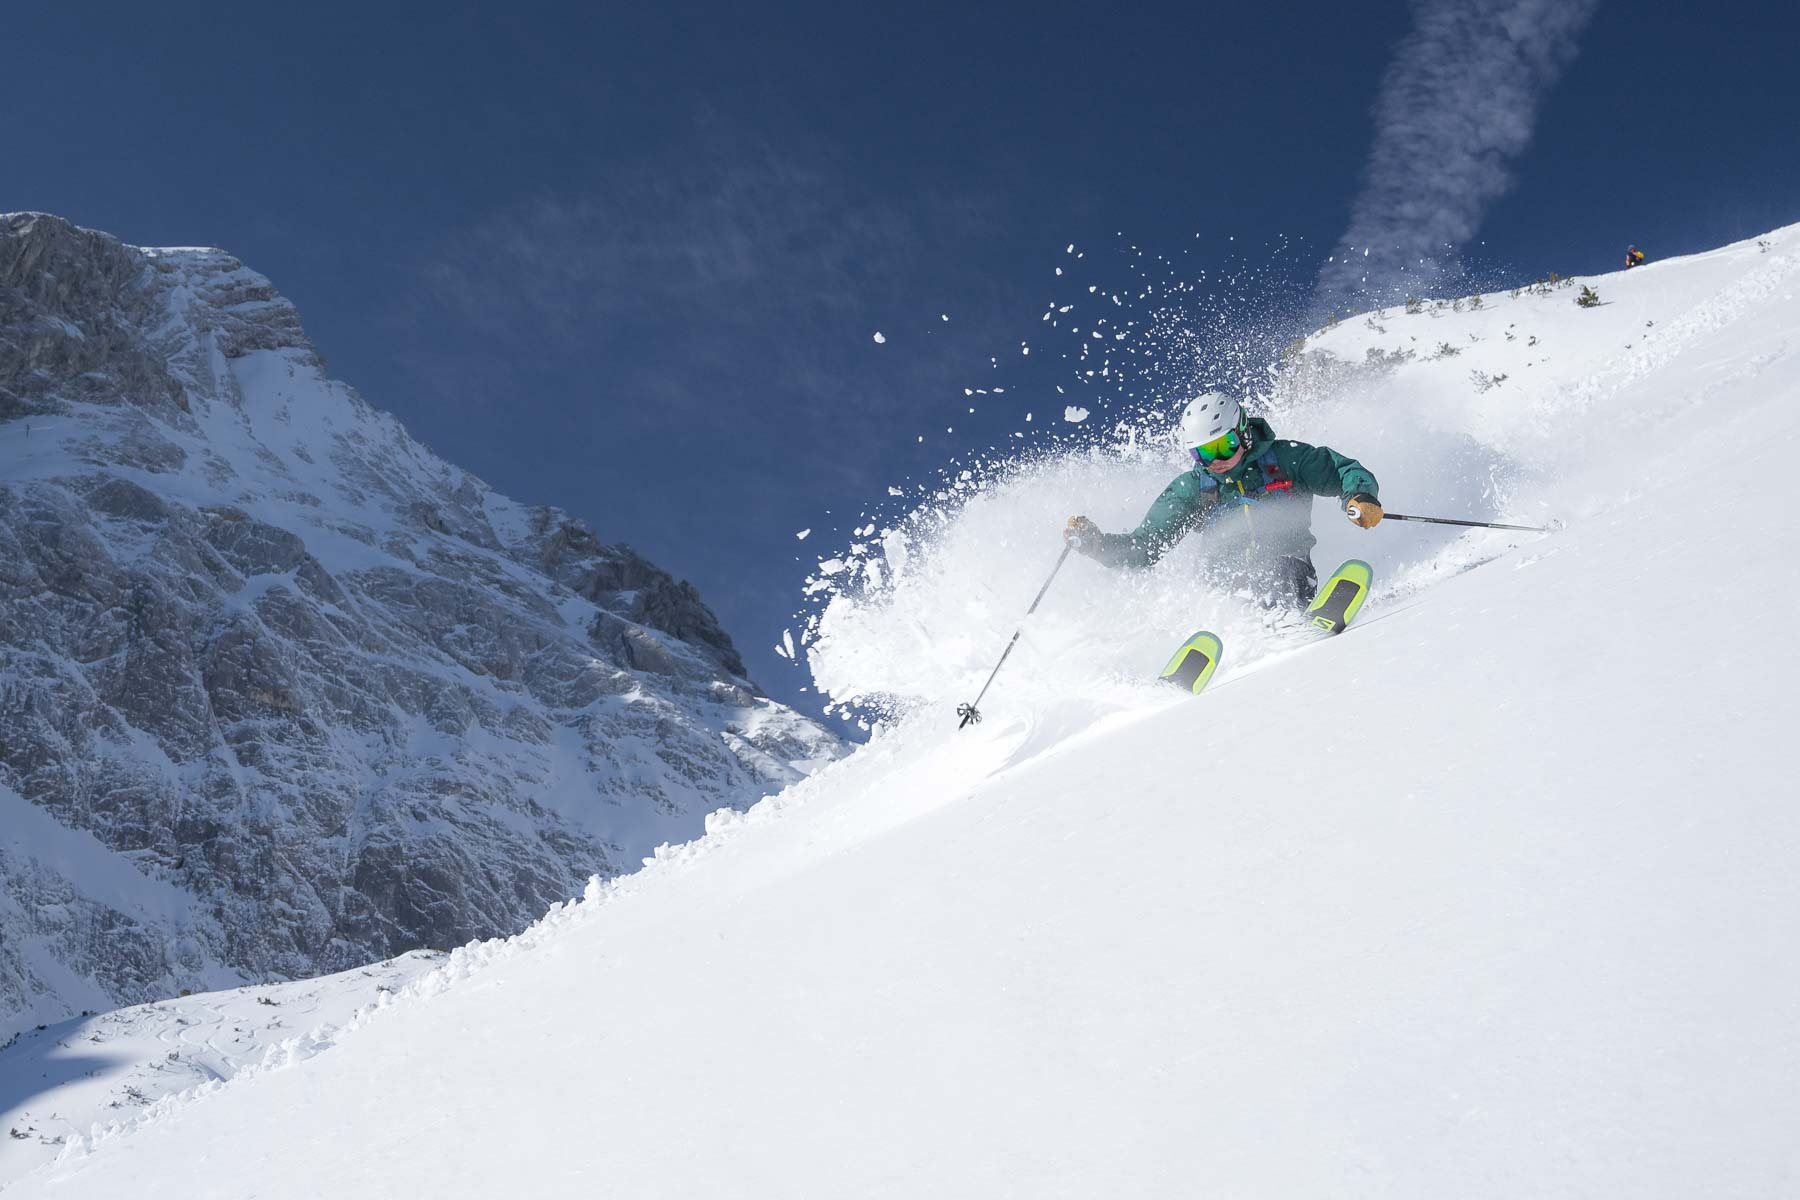 Kyle_skiing.jpg